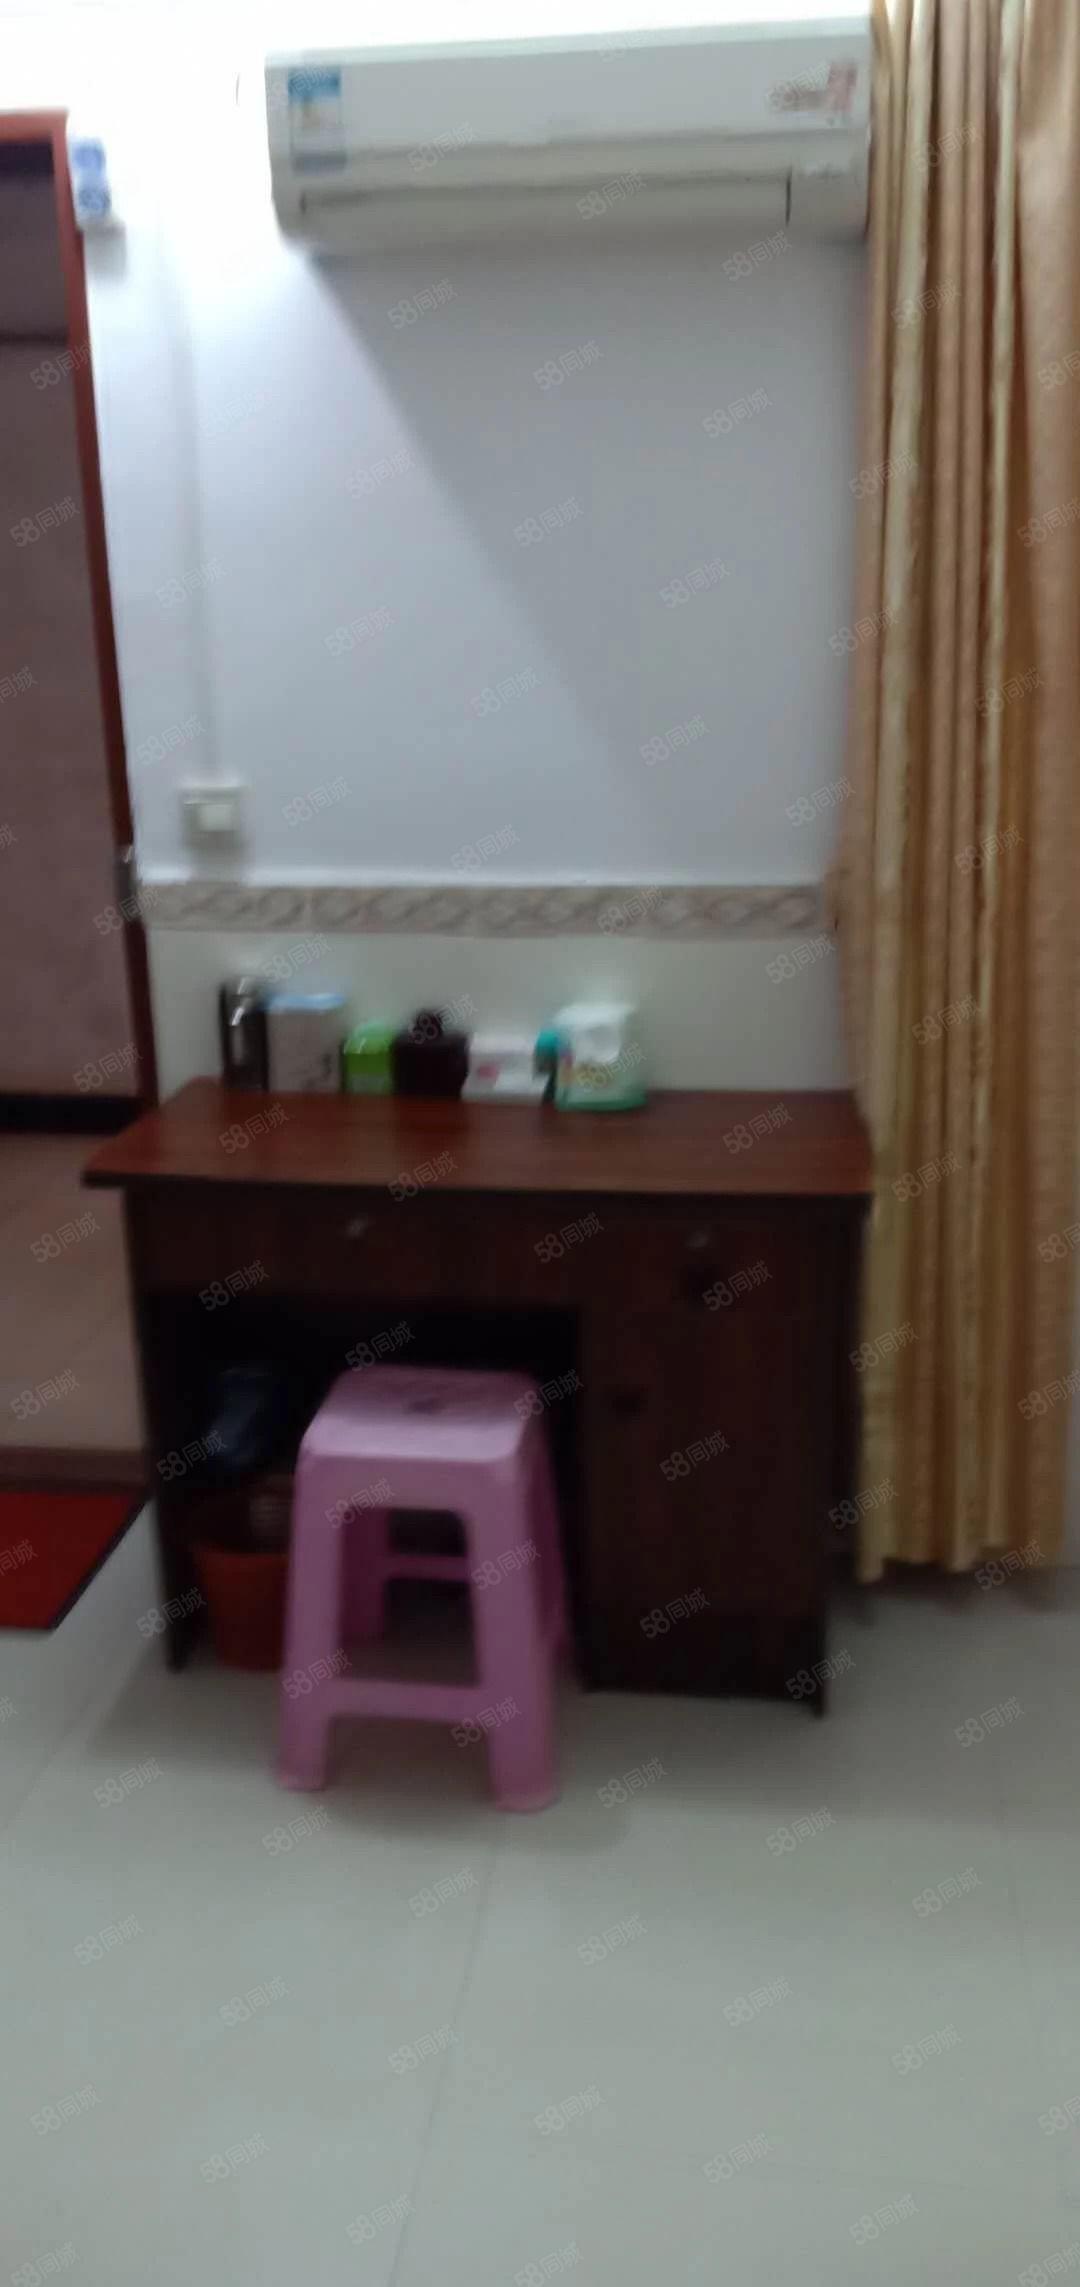 8万5元阳东金湾小区一房一卫房子很新净拎包入住